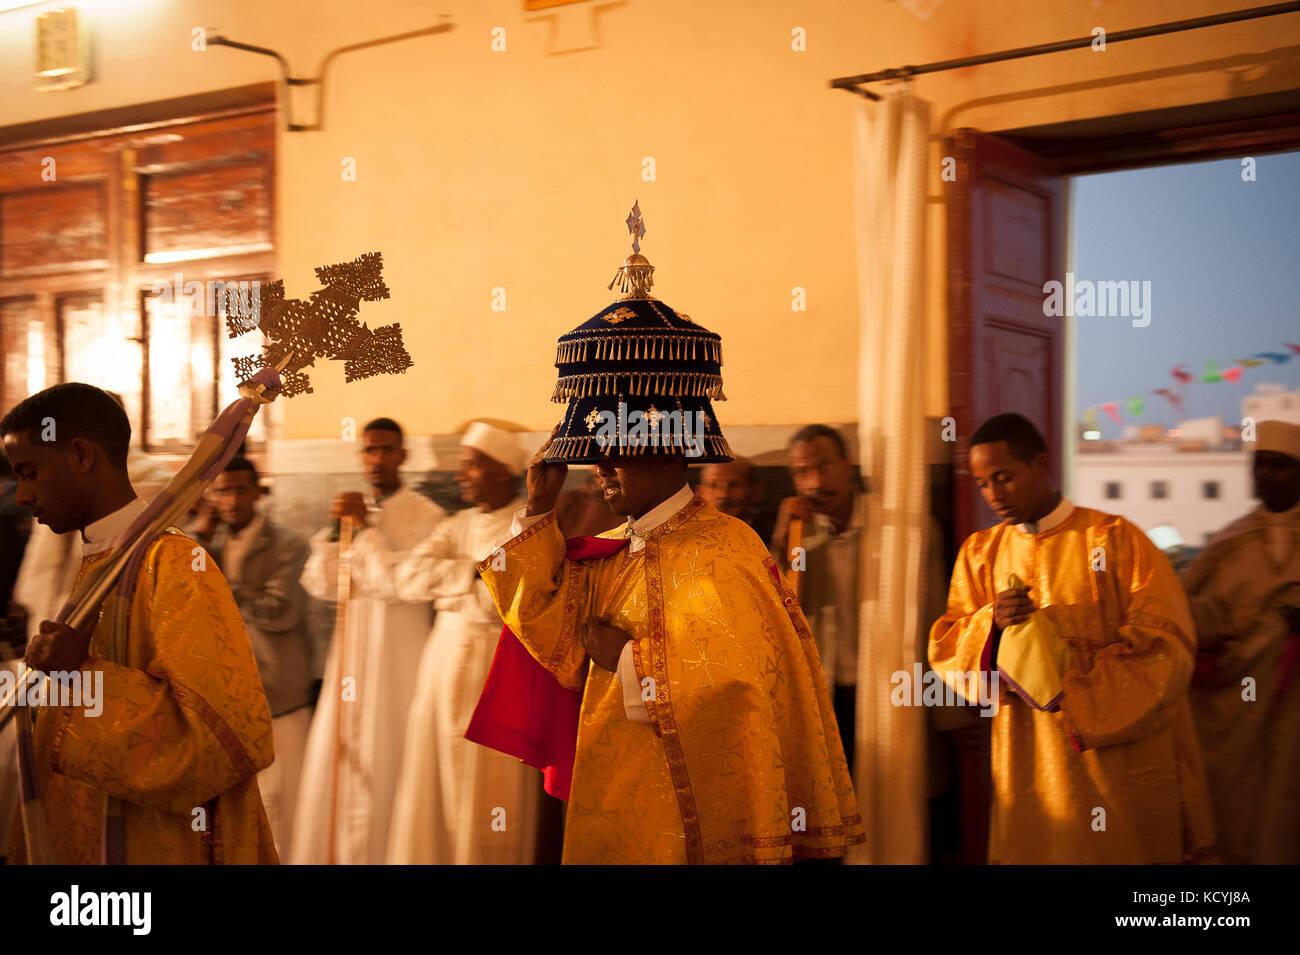 Celebration dans une eglise Chretienne dans la ville d'Asmara, les principales religions en Erythrée sont le christianisme Stock Photo